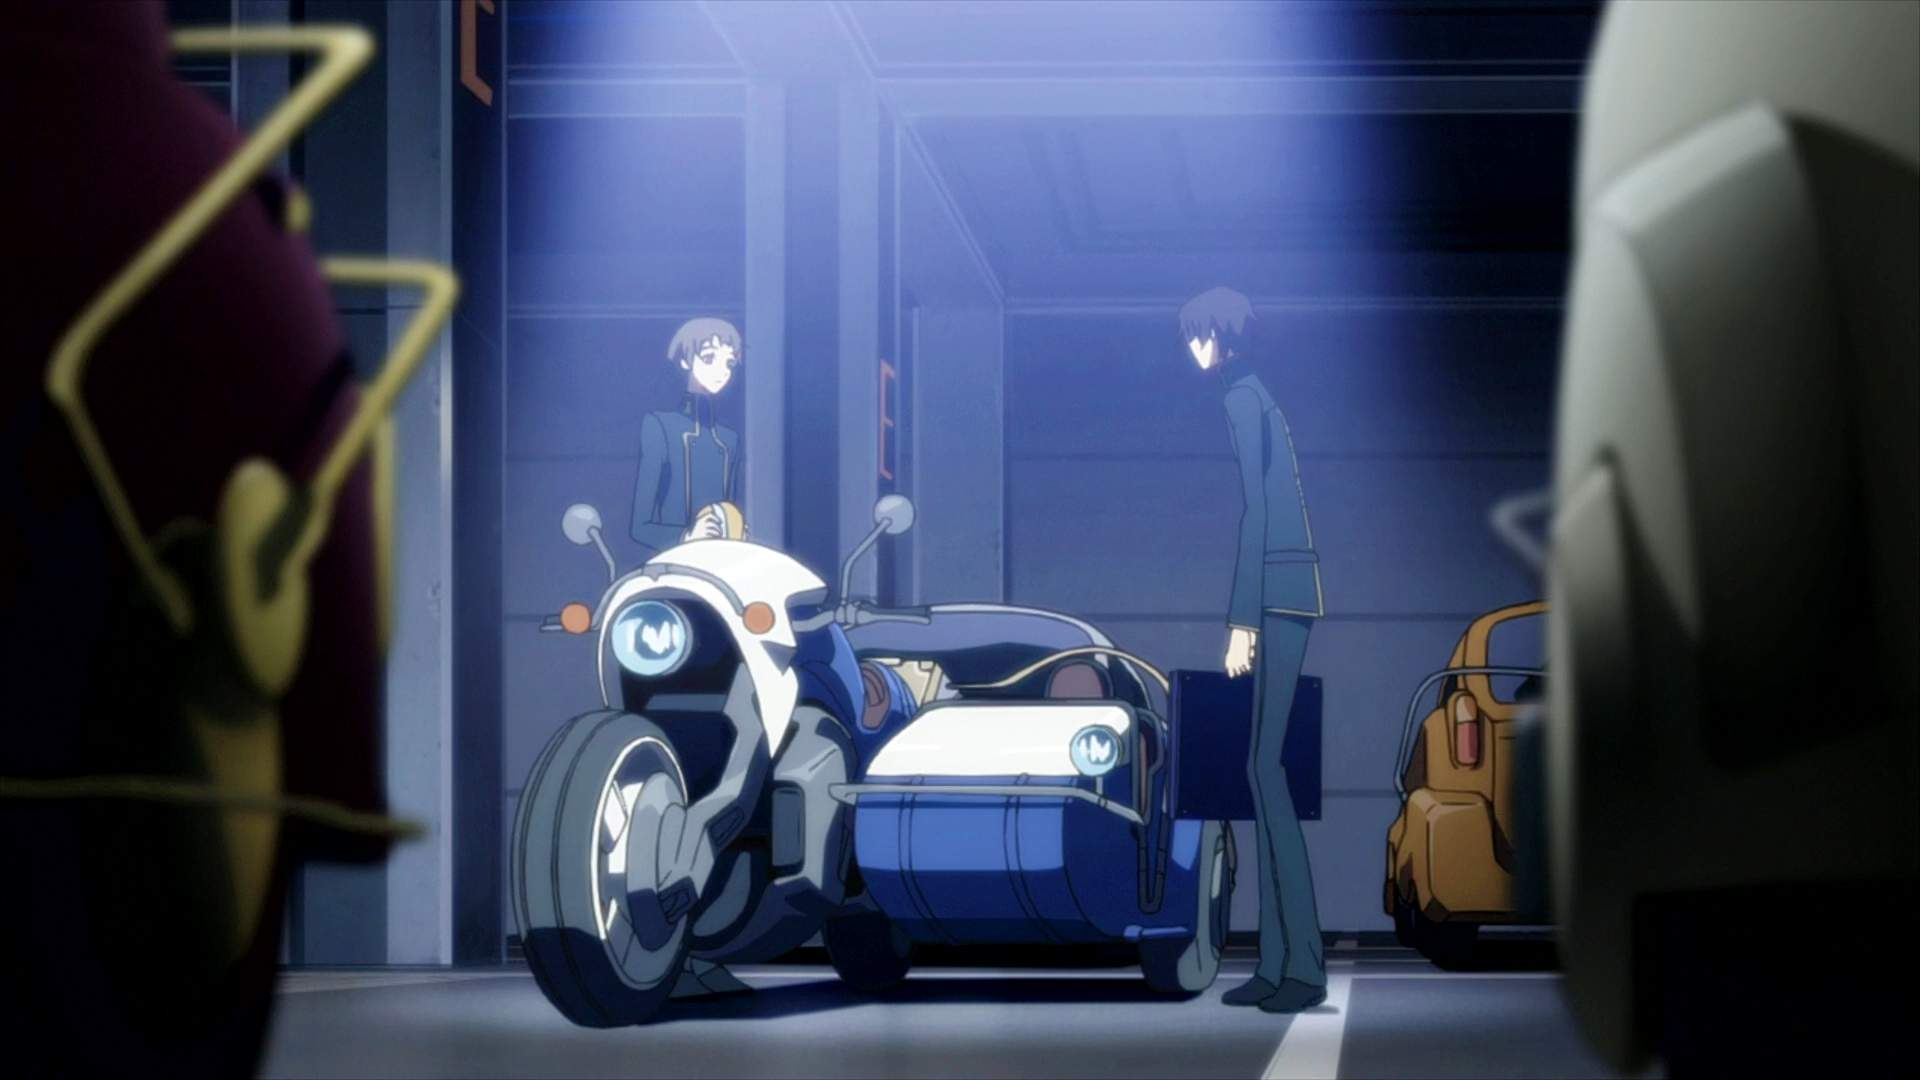 CodeGeass-TV2-SS1-O Code Geass Season 2 Review